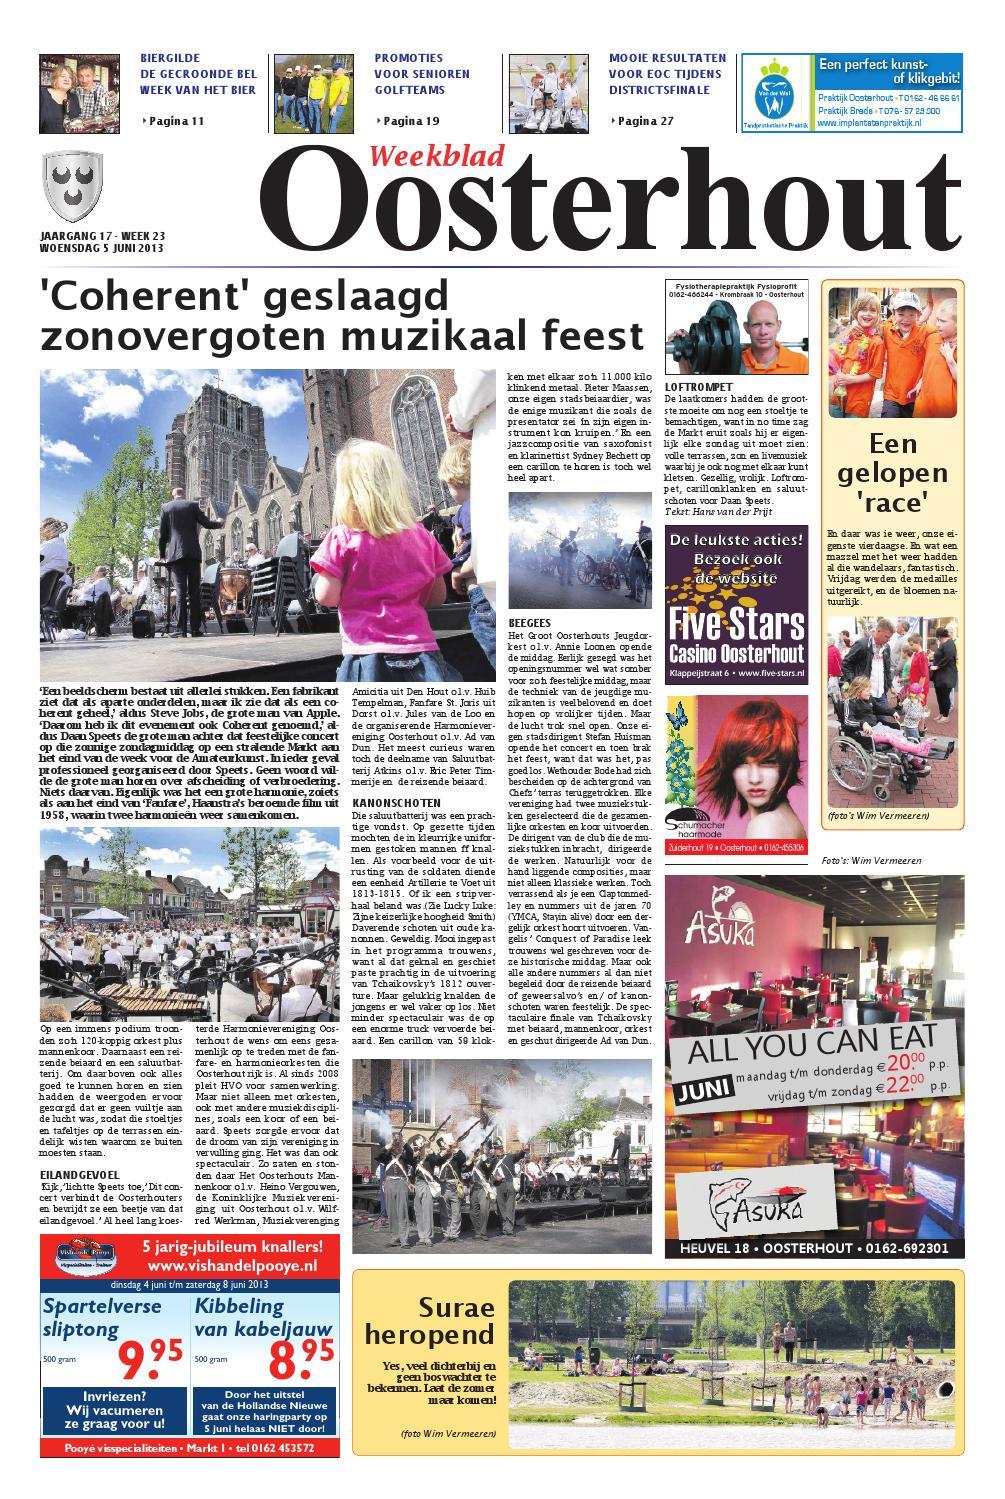 Dorst Glas En Slotenservice.Weekblad Oosterhout 05 06 2013 By Uitgeverij Em De Jong Issuu